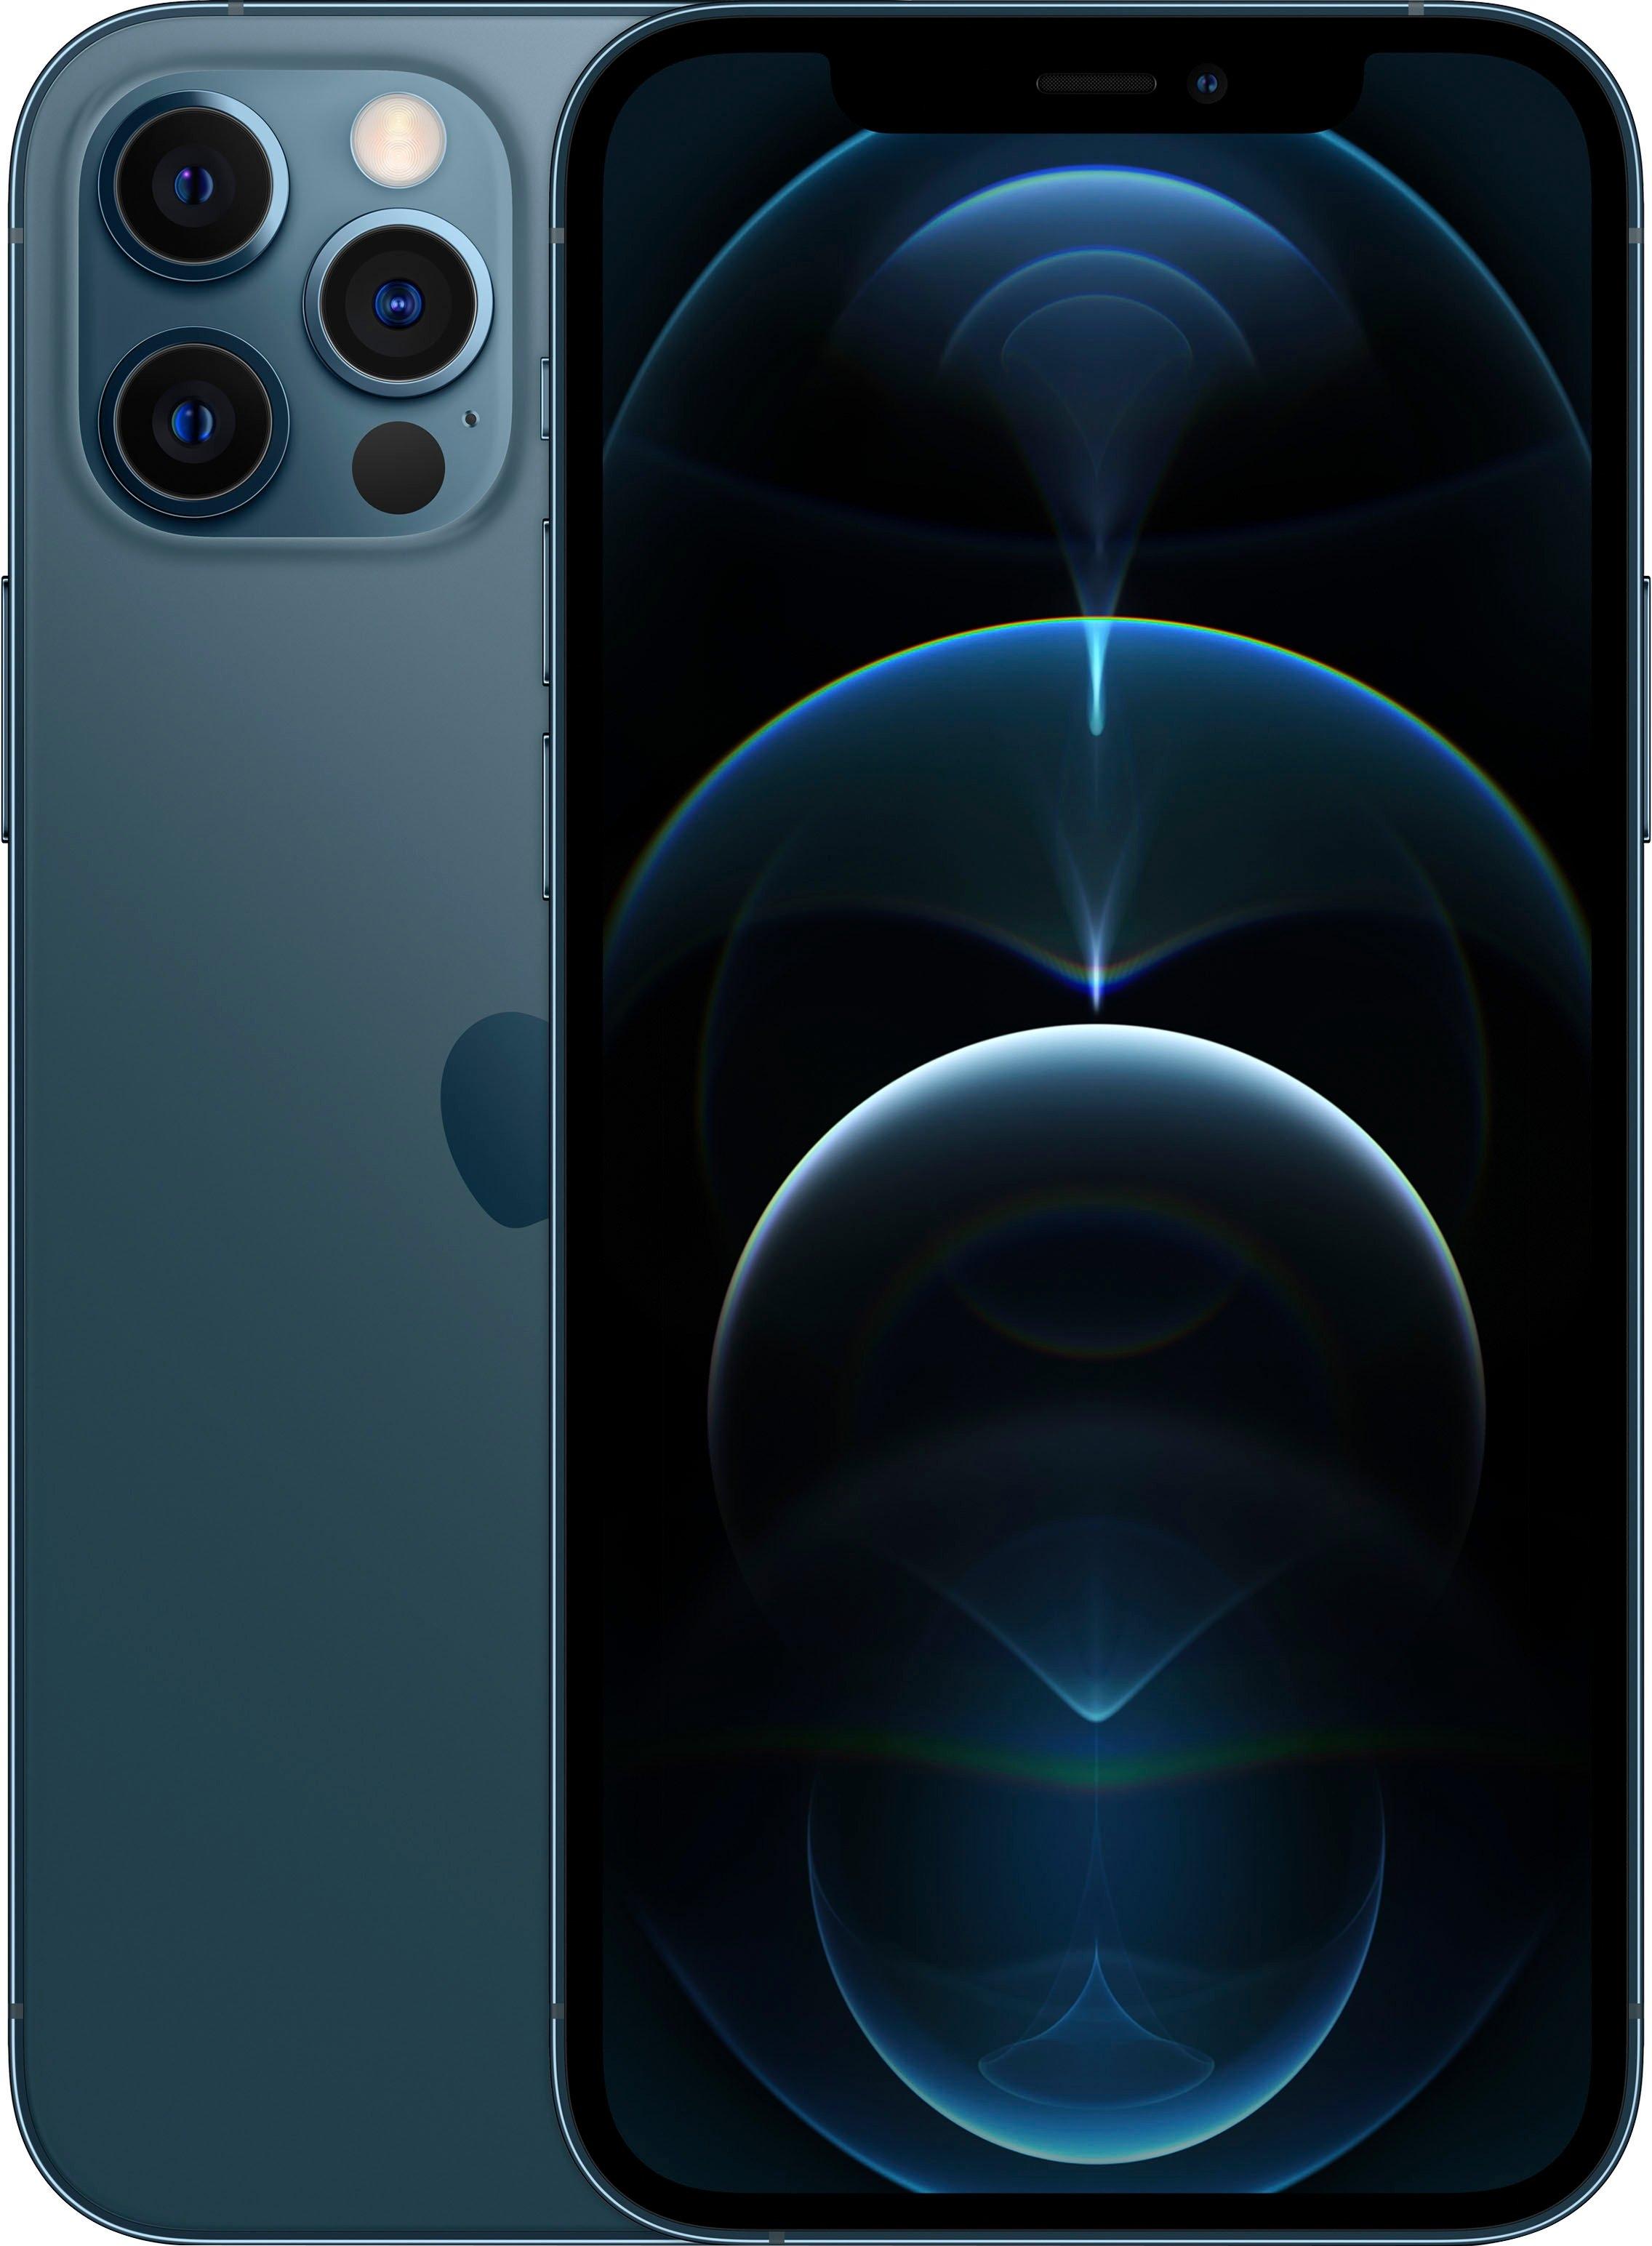 Apple smartphone IPhone 12 Pro, 512 GB, zonder stroom-adapter en hoofdtelefoon, compatibel met airpods, airpods pro, earpods hoofdtelefoon voordelig en veilig online kopen